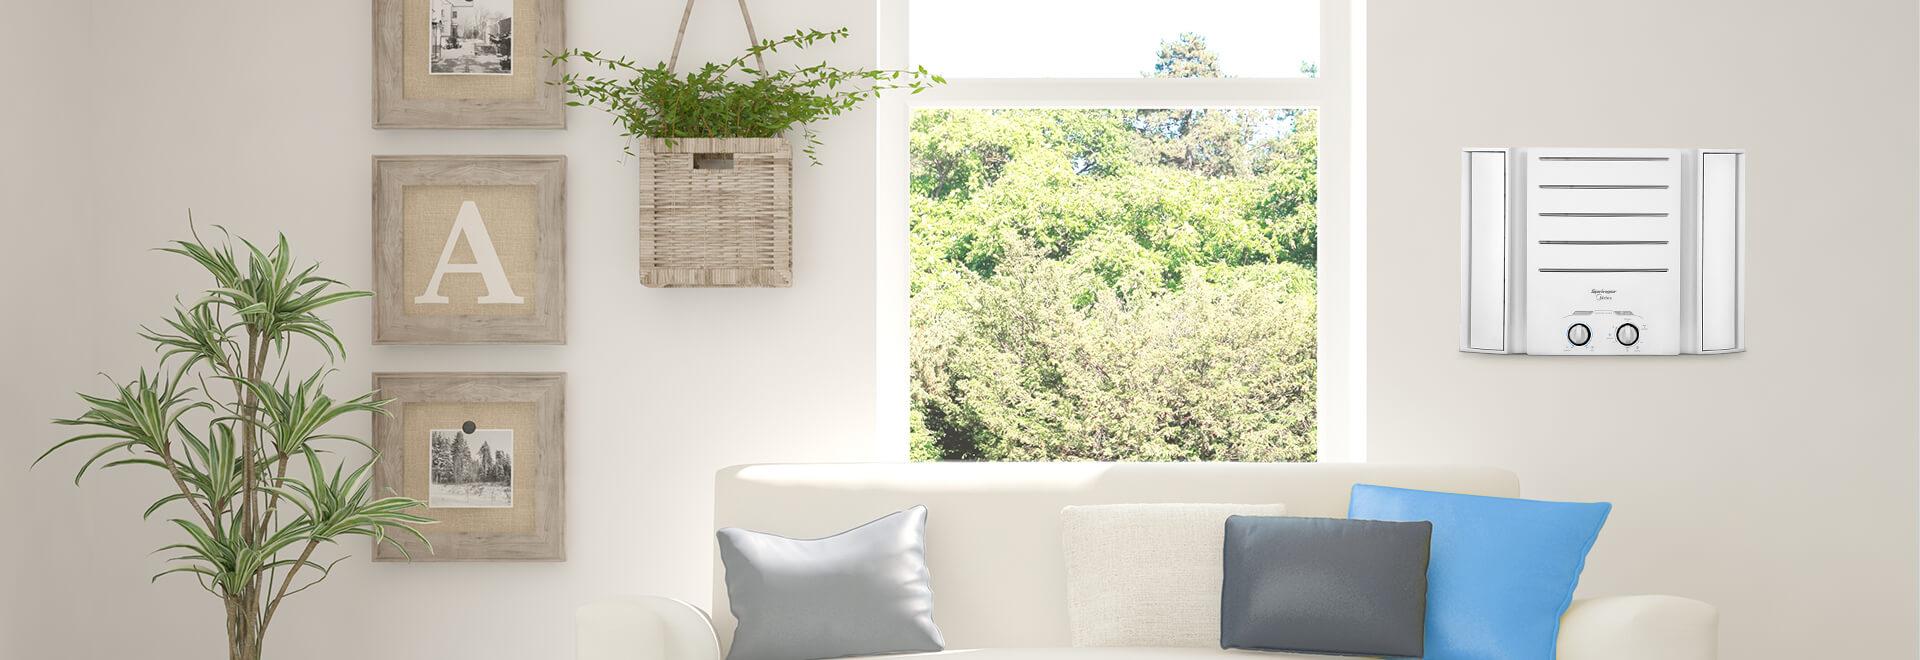 equipamento de ar-condicionado em sala com sofá e mesa